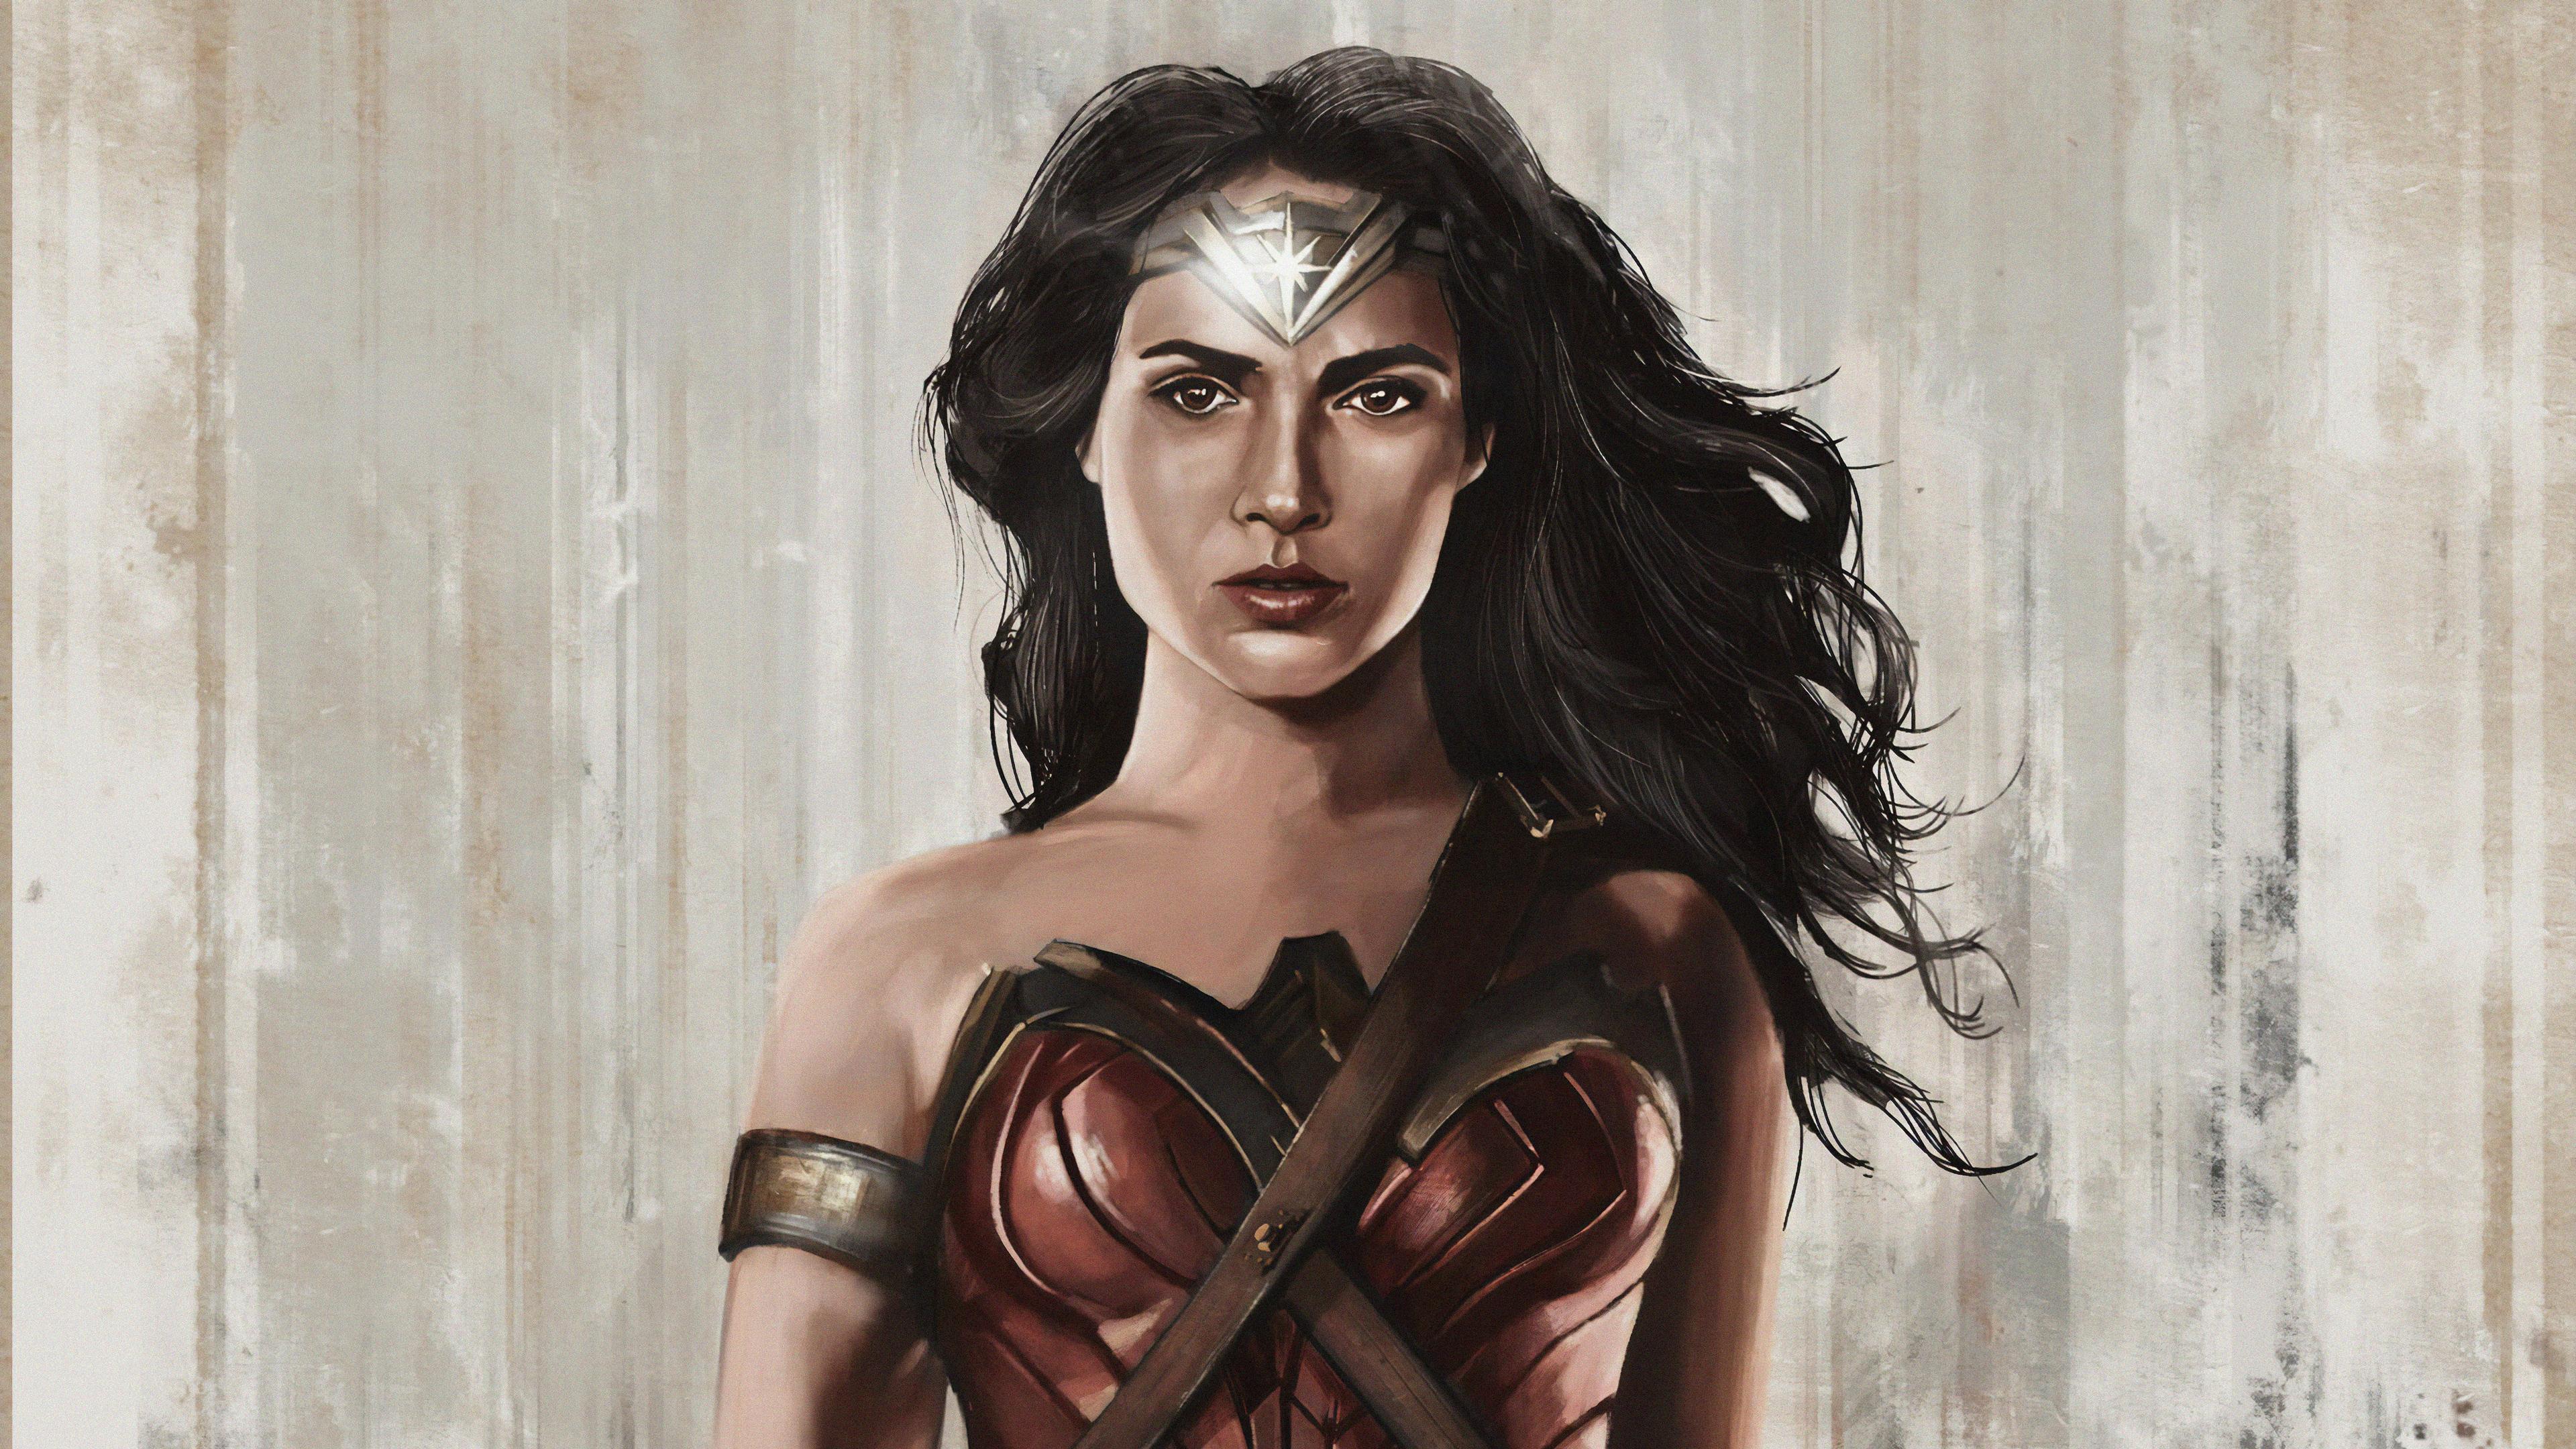 4k wonder woman sketch 1563219476 - 4k Wonder Woman Sketch - wonder woman wallpapers, superheroes wallpapers, hd-wallpapers, digital art wallpapers, artwork wallpapers, 4k-wallpapers